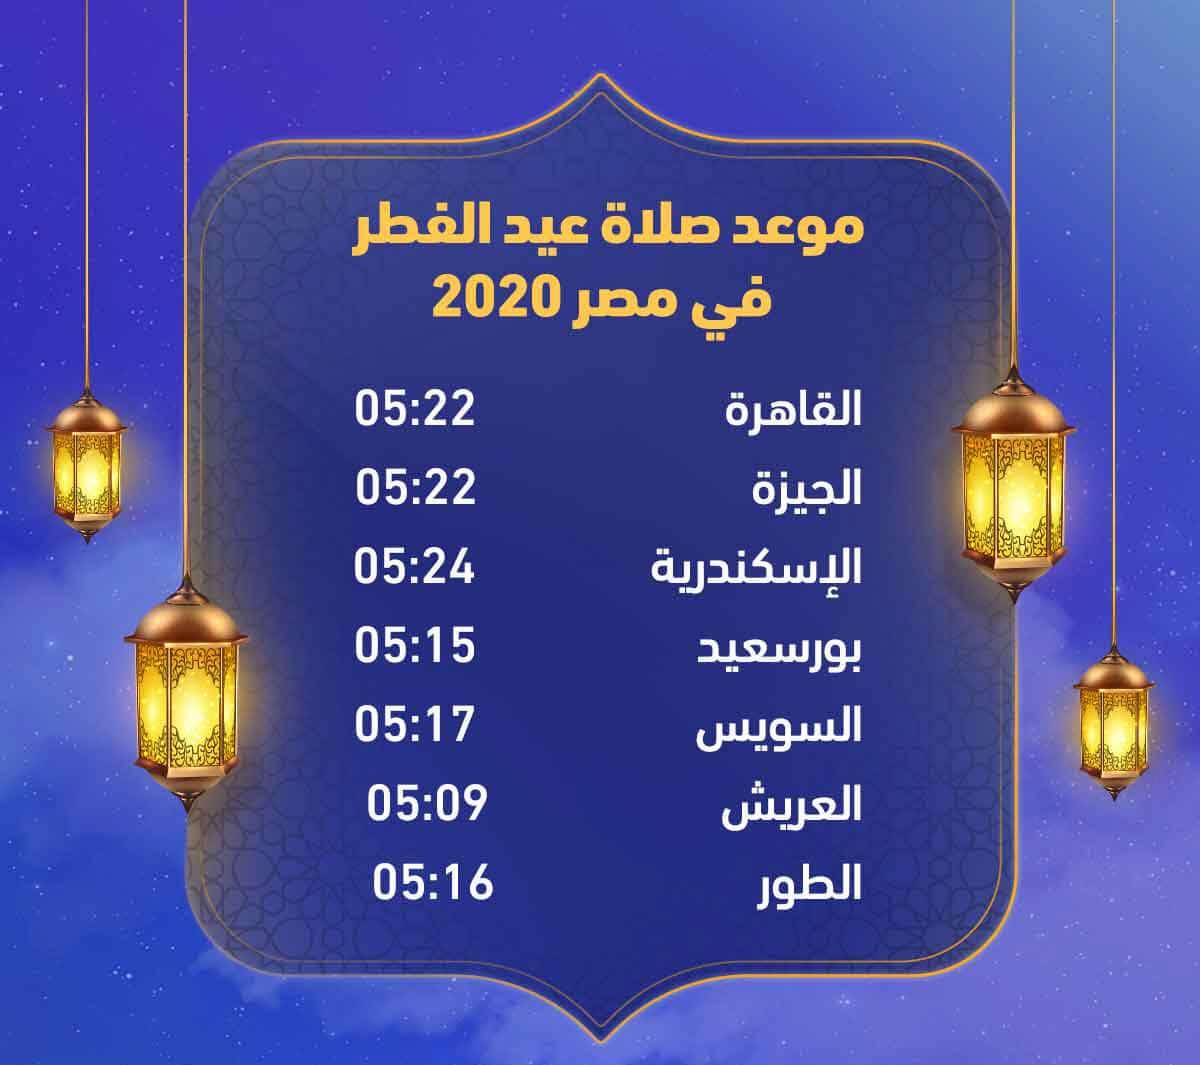 موعد صلاة العيد